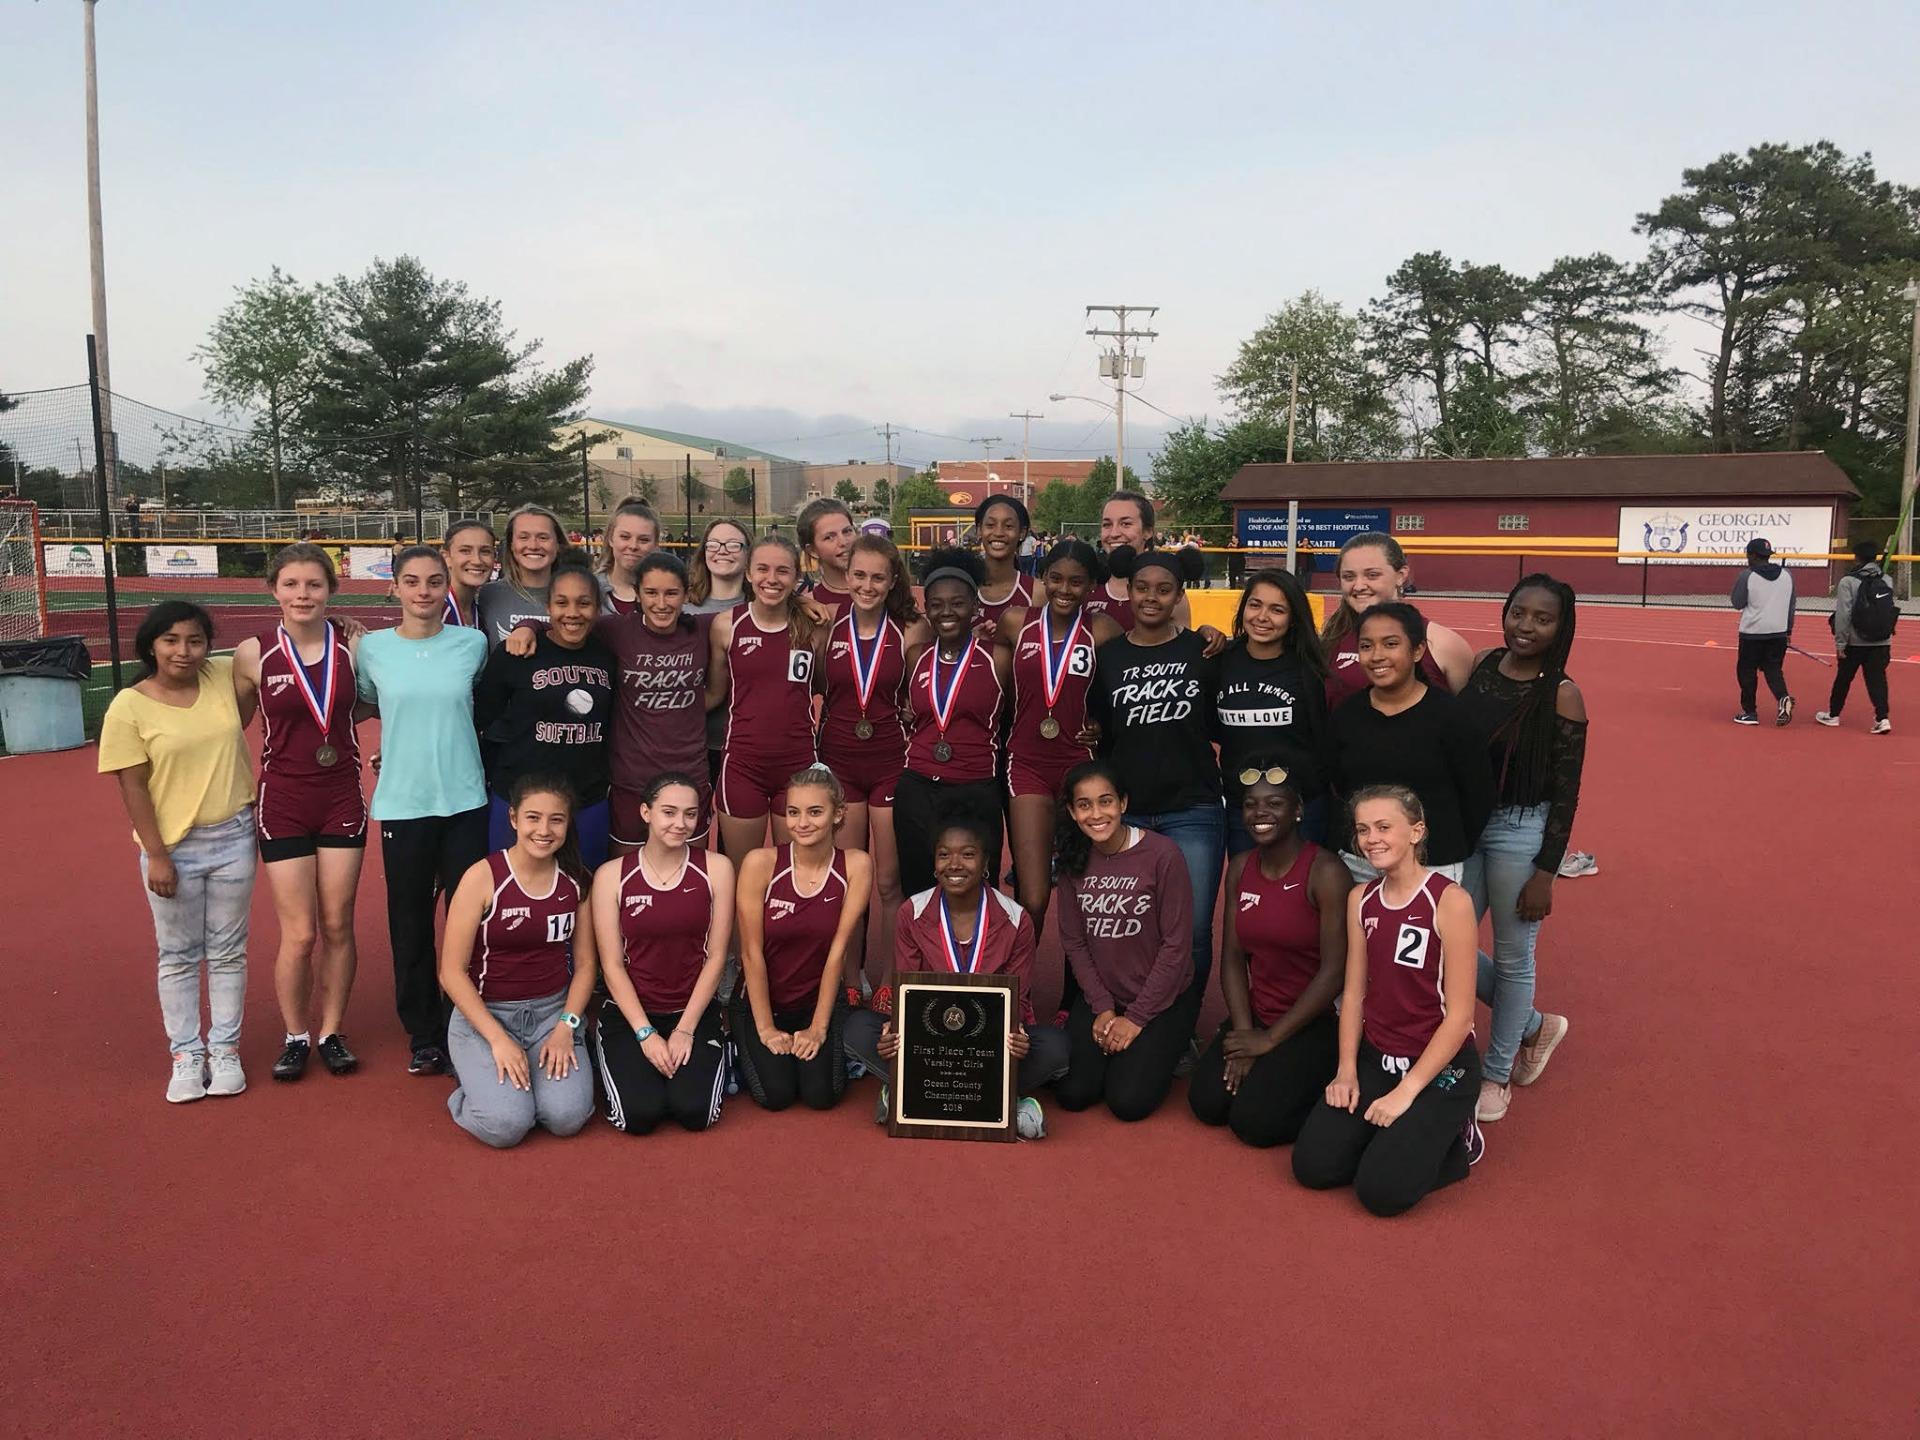 HSS track champs